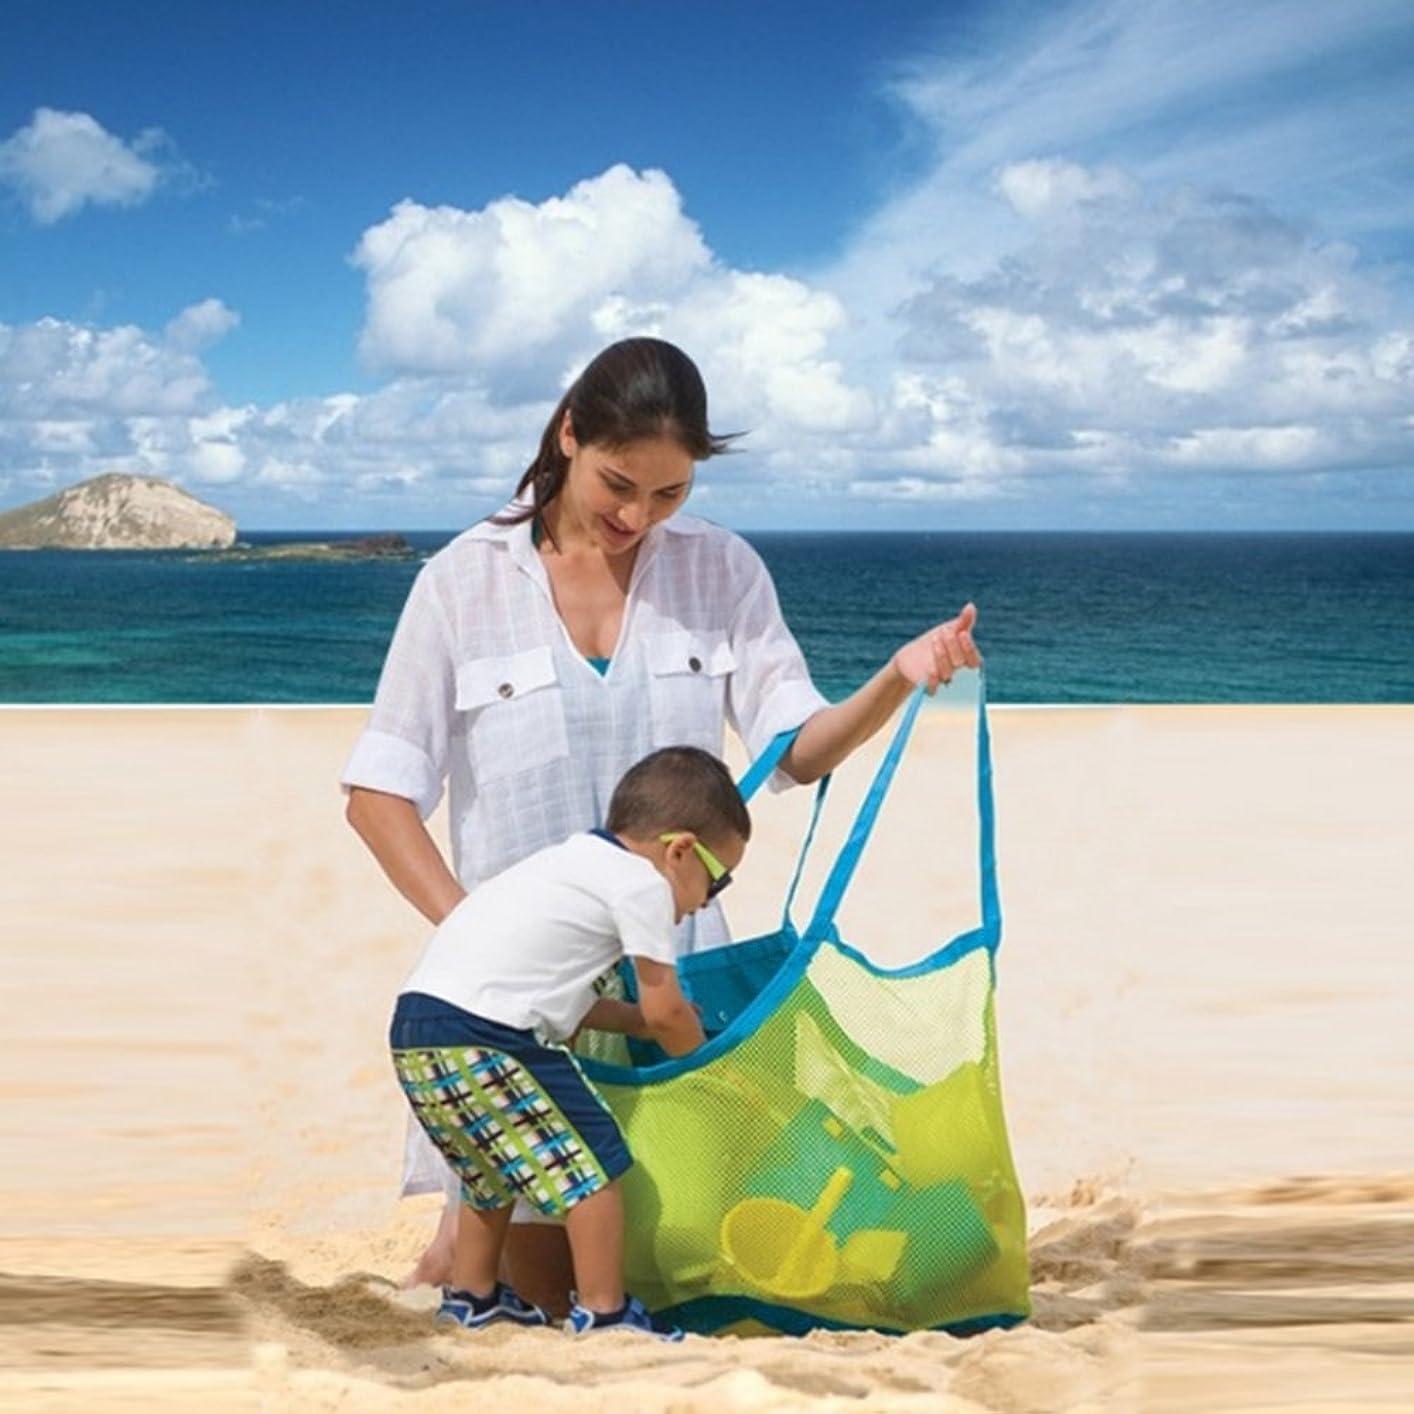 矢印がんばり続けるちょっと待ってYIJUPIN 3PCS /セットメッシュビーチバッグトート、ビーチ用メッシュバッグトートオーガナイザーおもちゃ収納Foldable Bag(Small + Medium + Large) (色 : レッド)